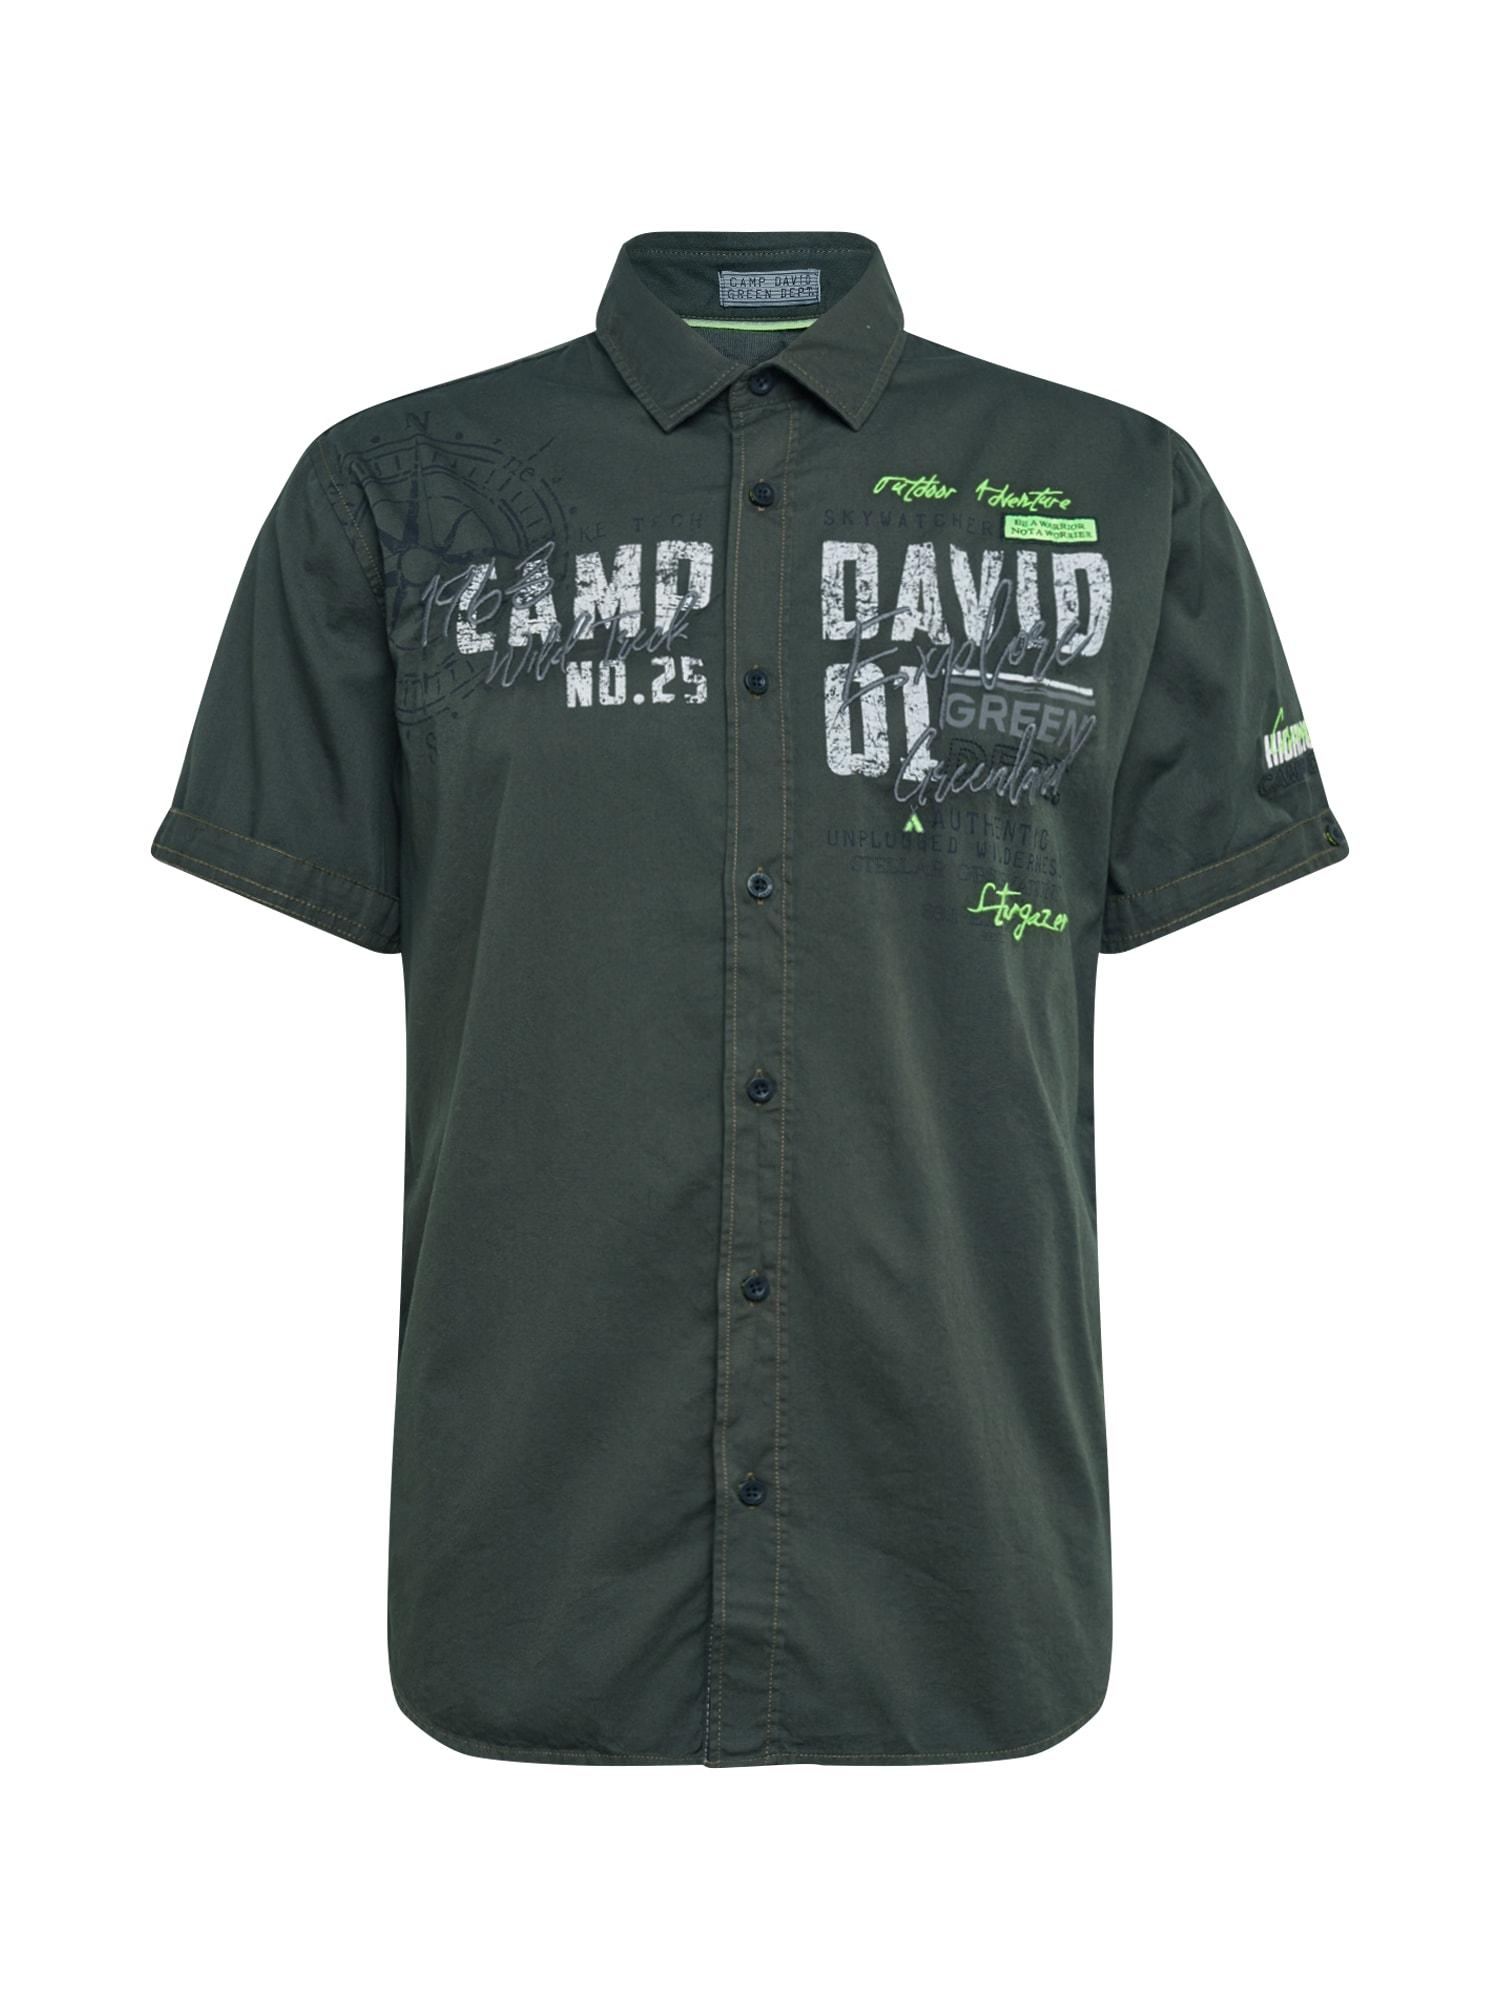 CAMP DAVID Marškiniai įdegio spalva / balta / obuolių spalva